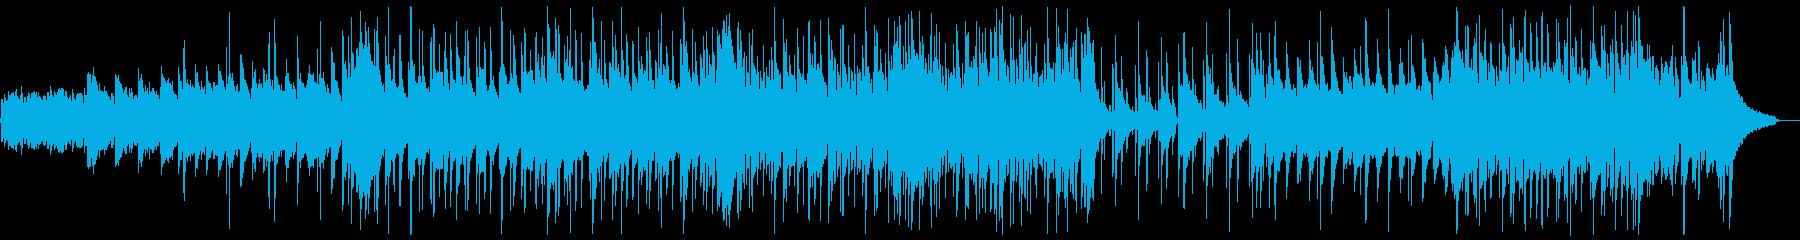 明るいフォークギターポップス:ピアノ抜きの再生済みの波形